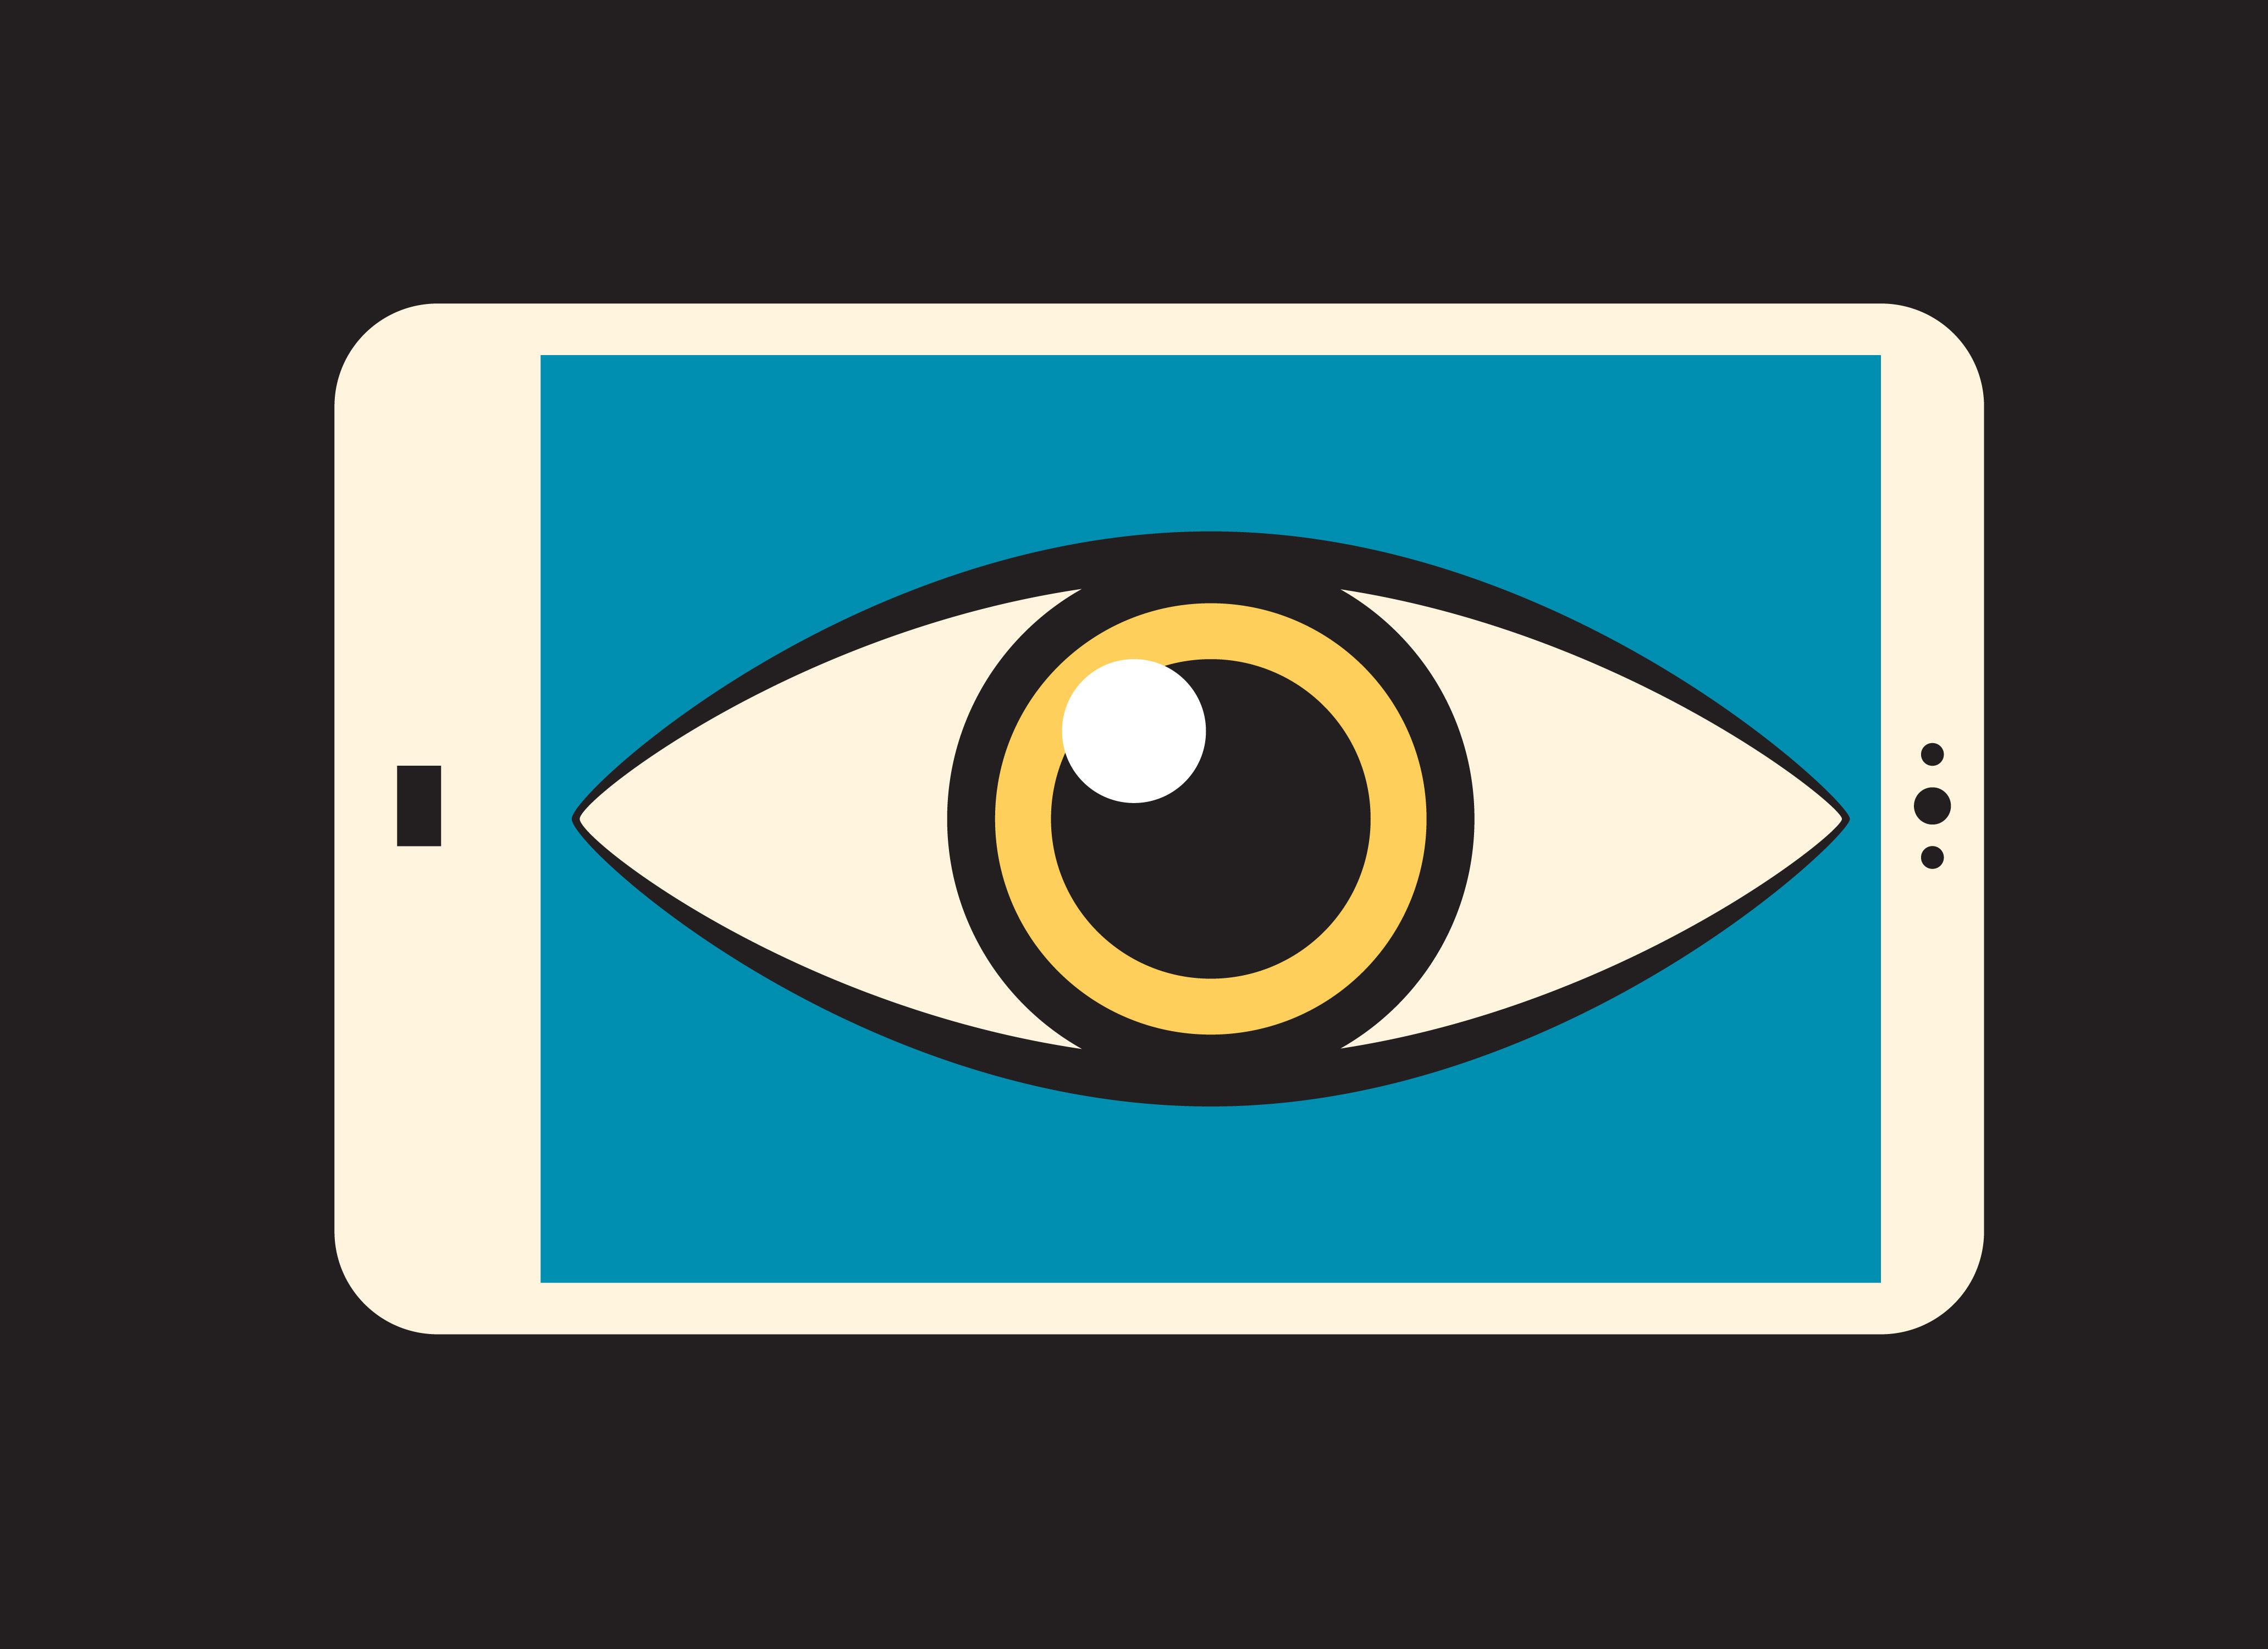 surveillance-software, surveillance, smartphone